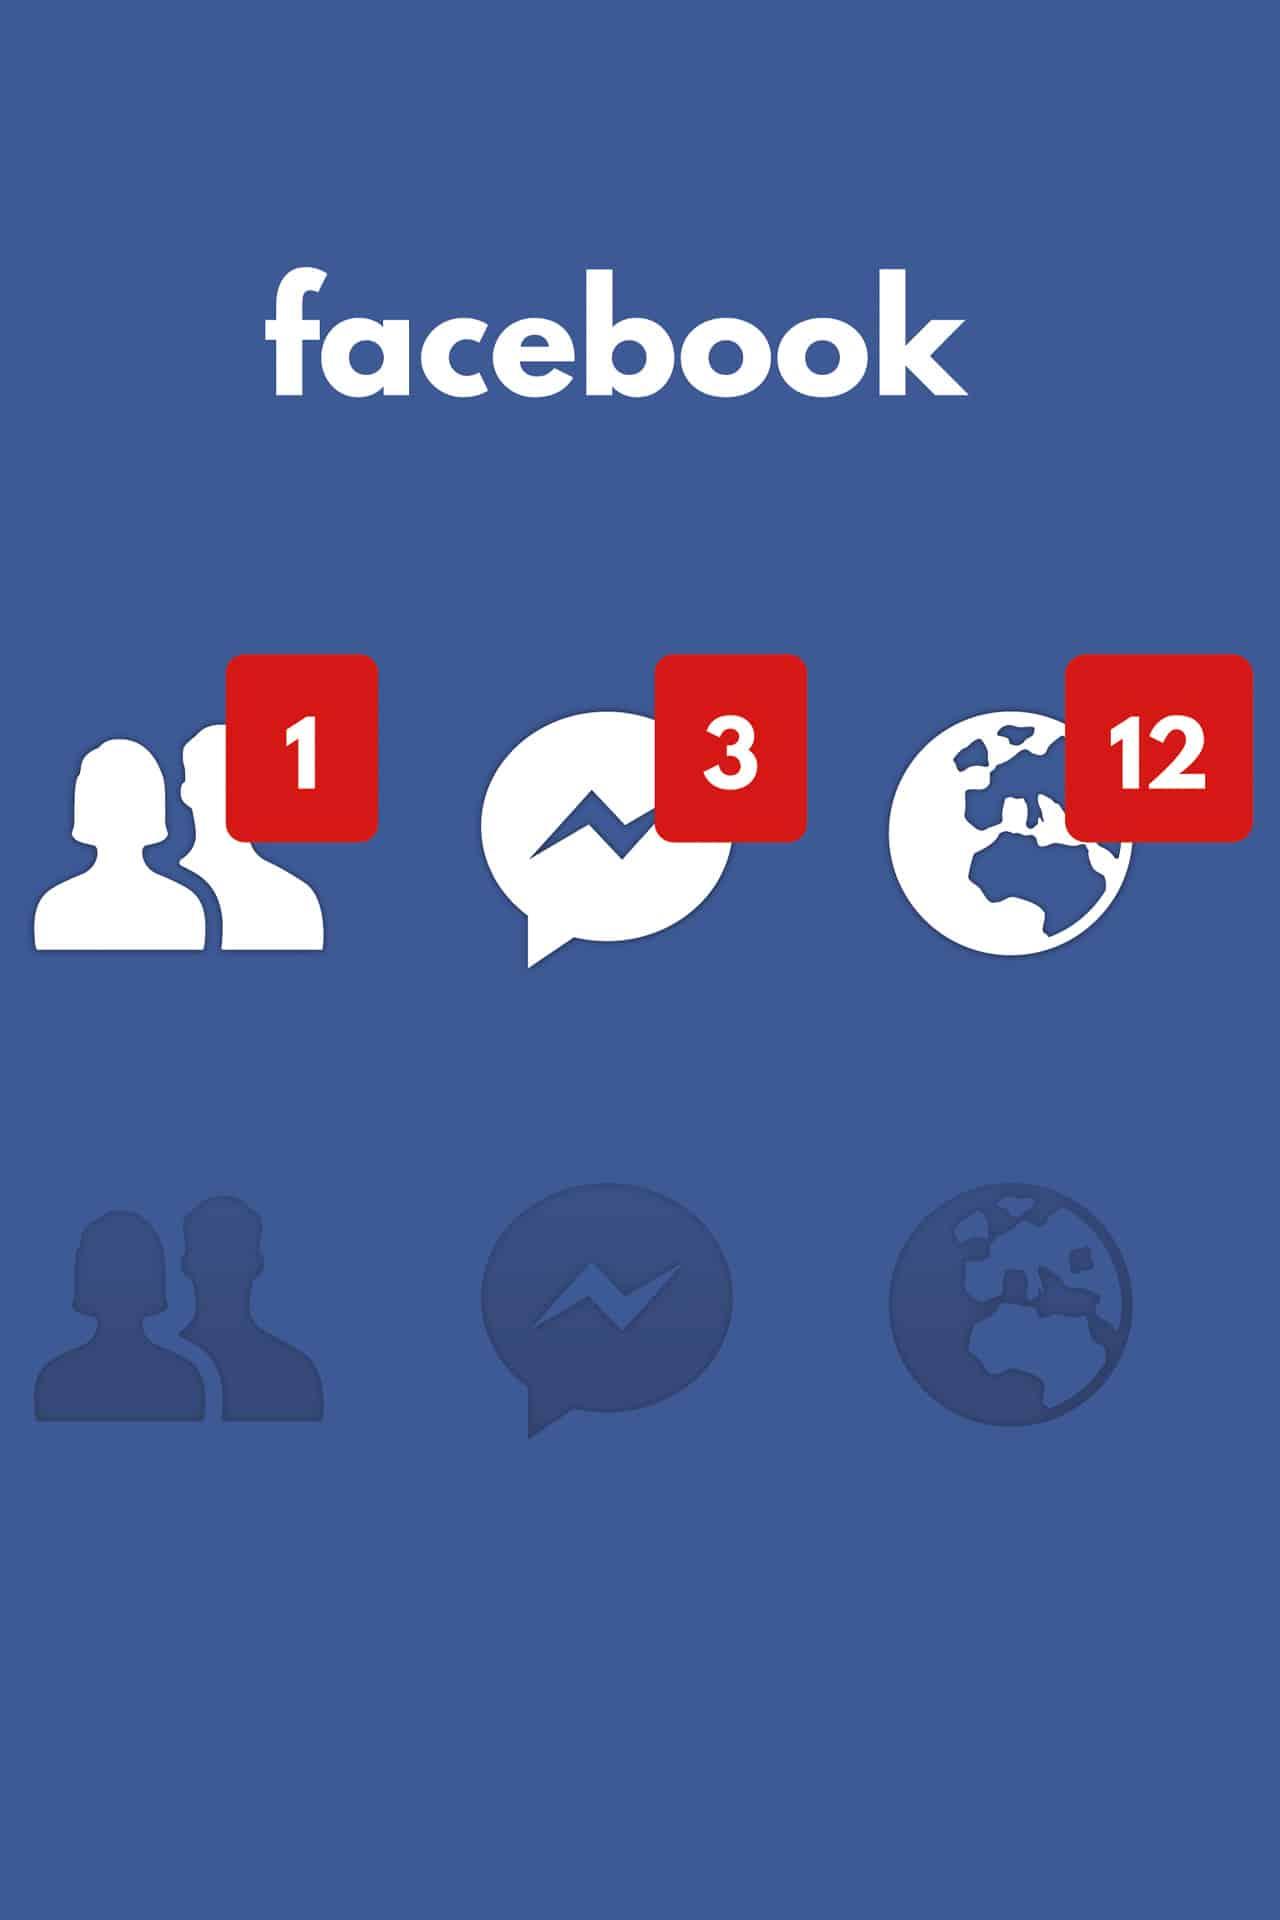 facebook impressioni organiche